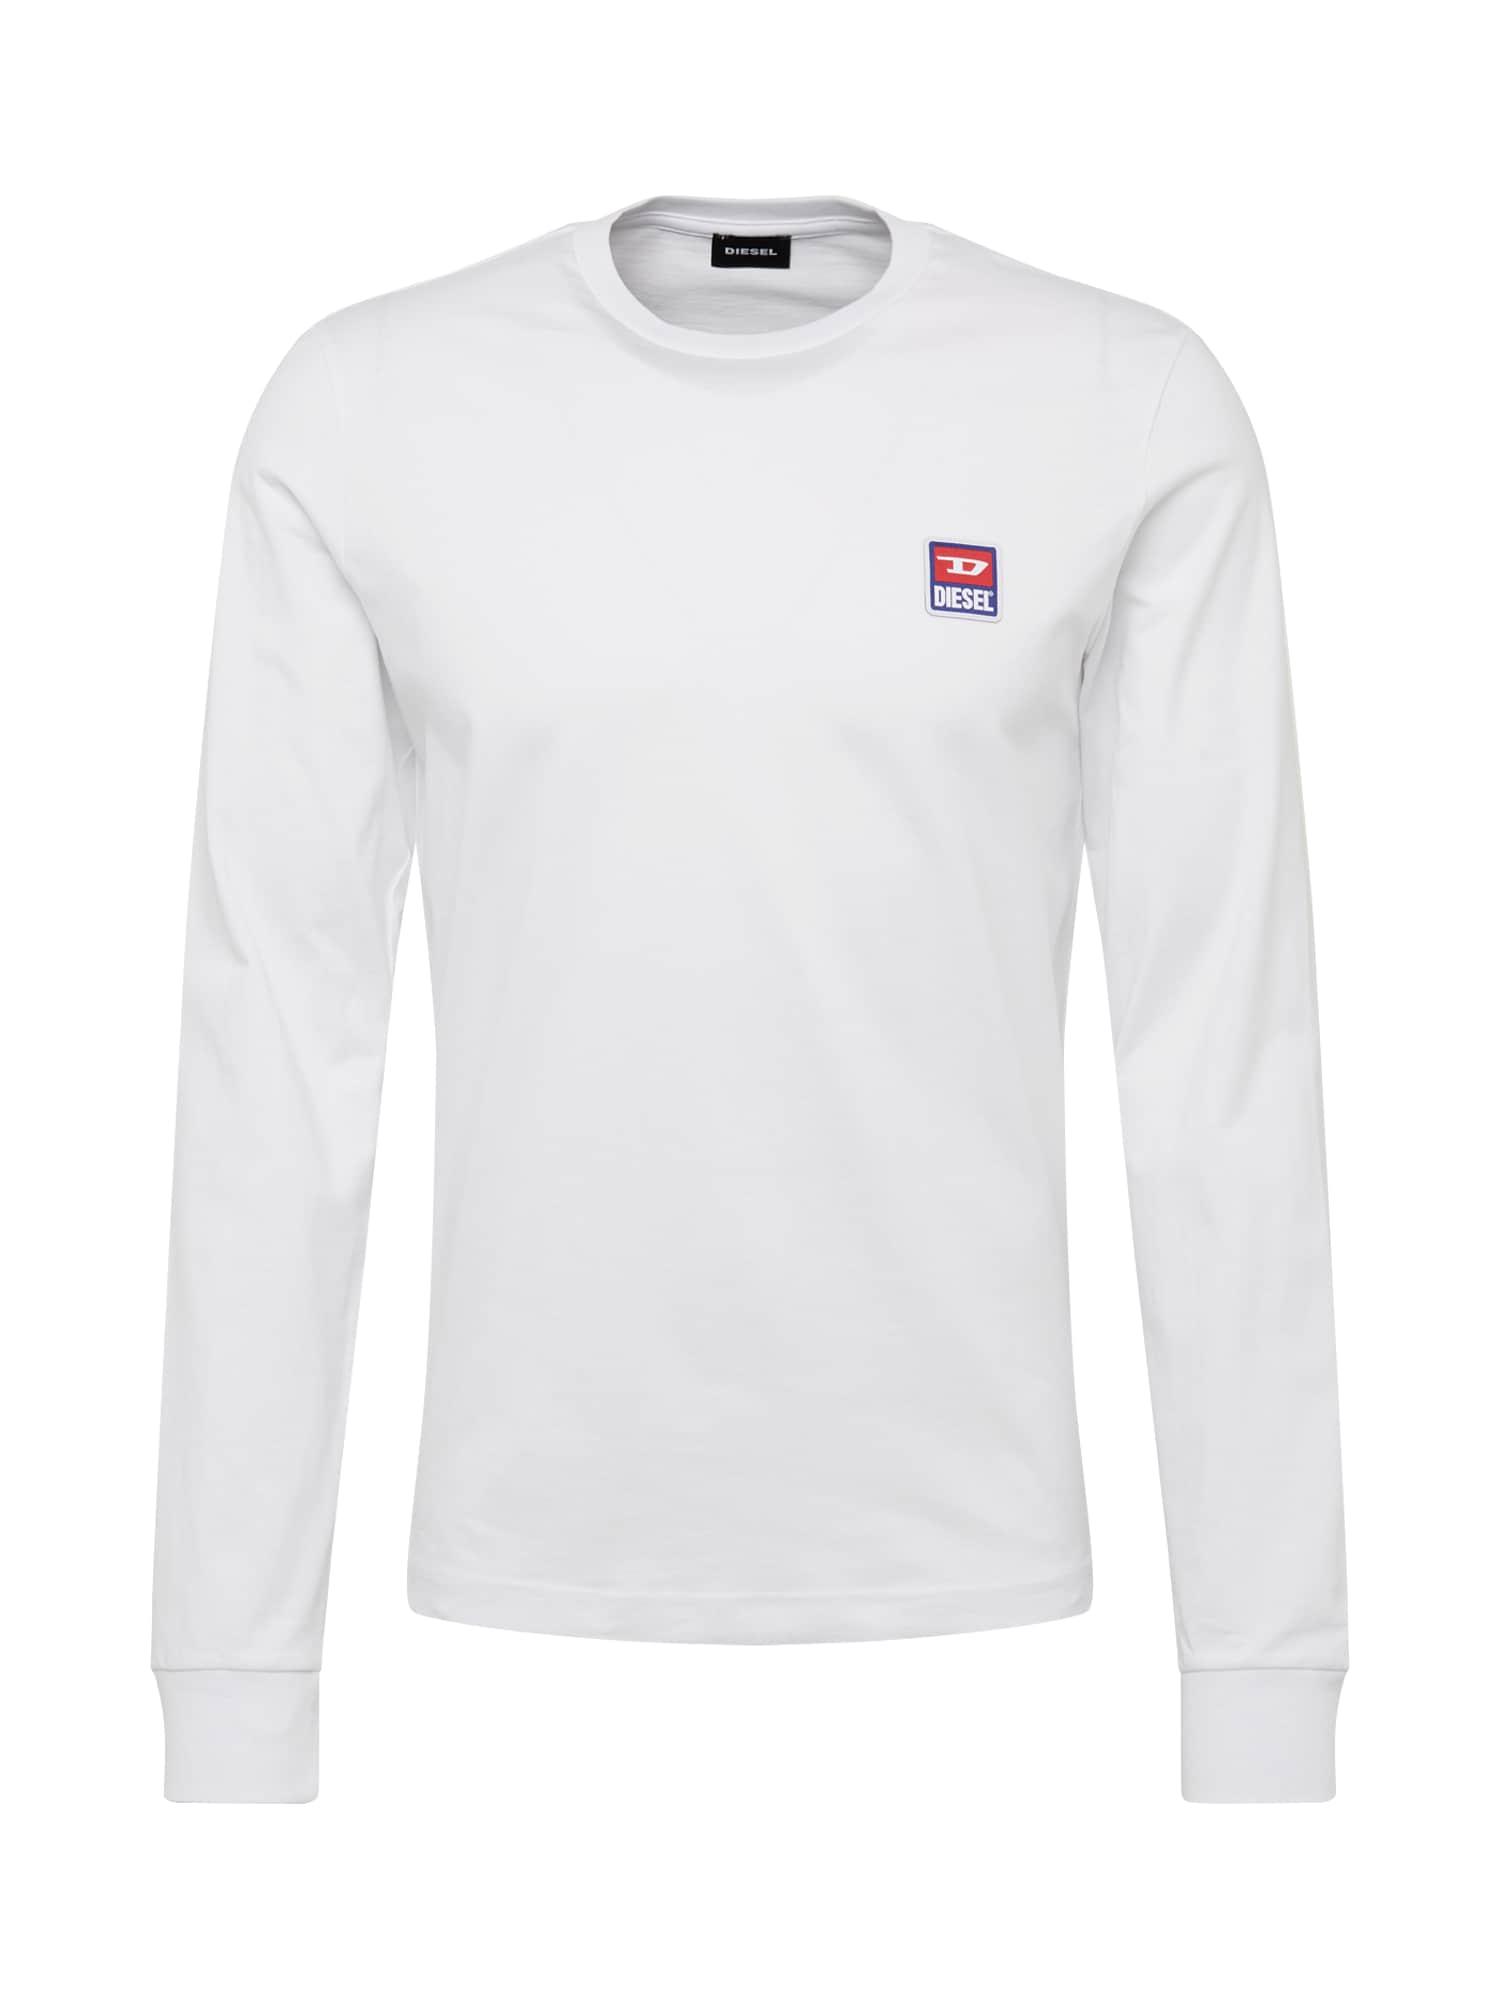 DIESEL Marškinėliai 'T-DIEGO-DIV-LS' balta